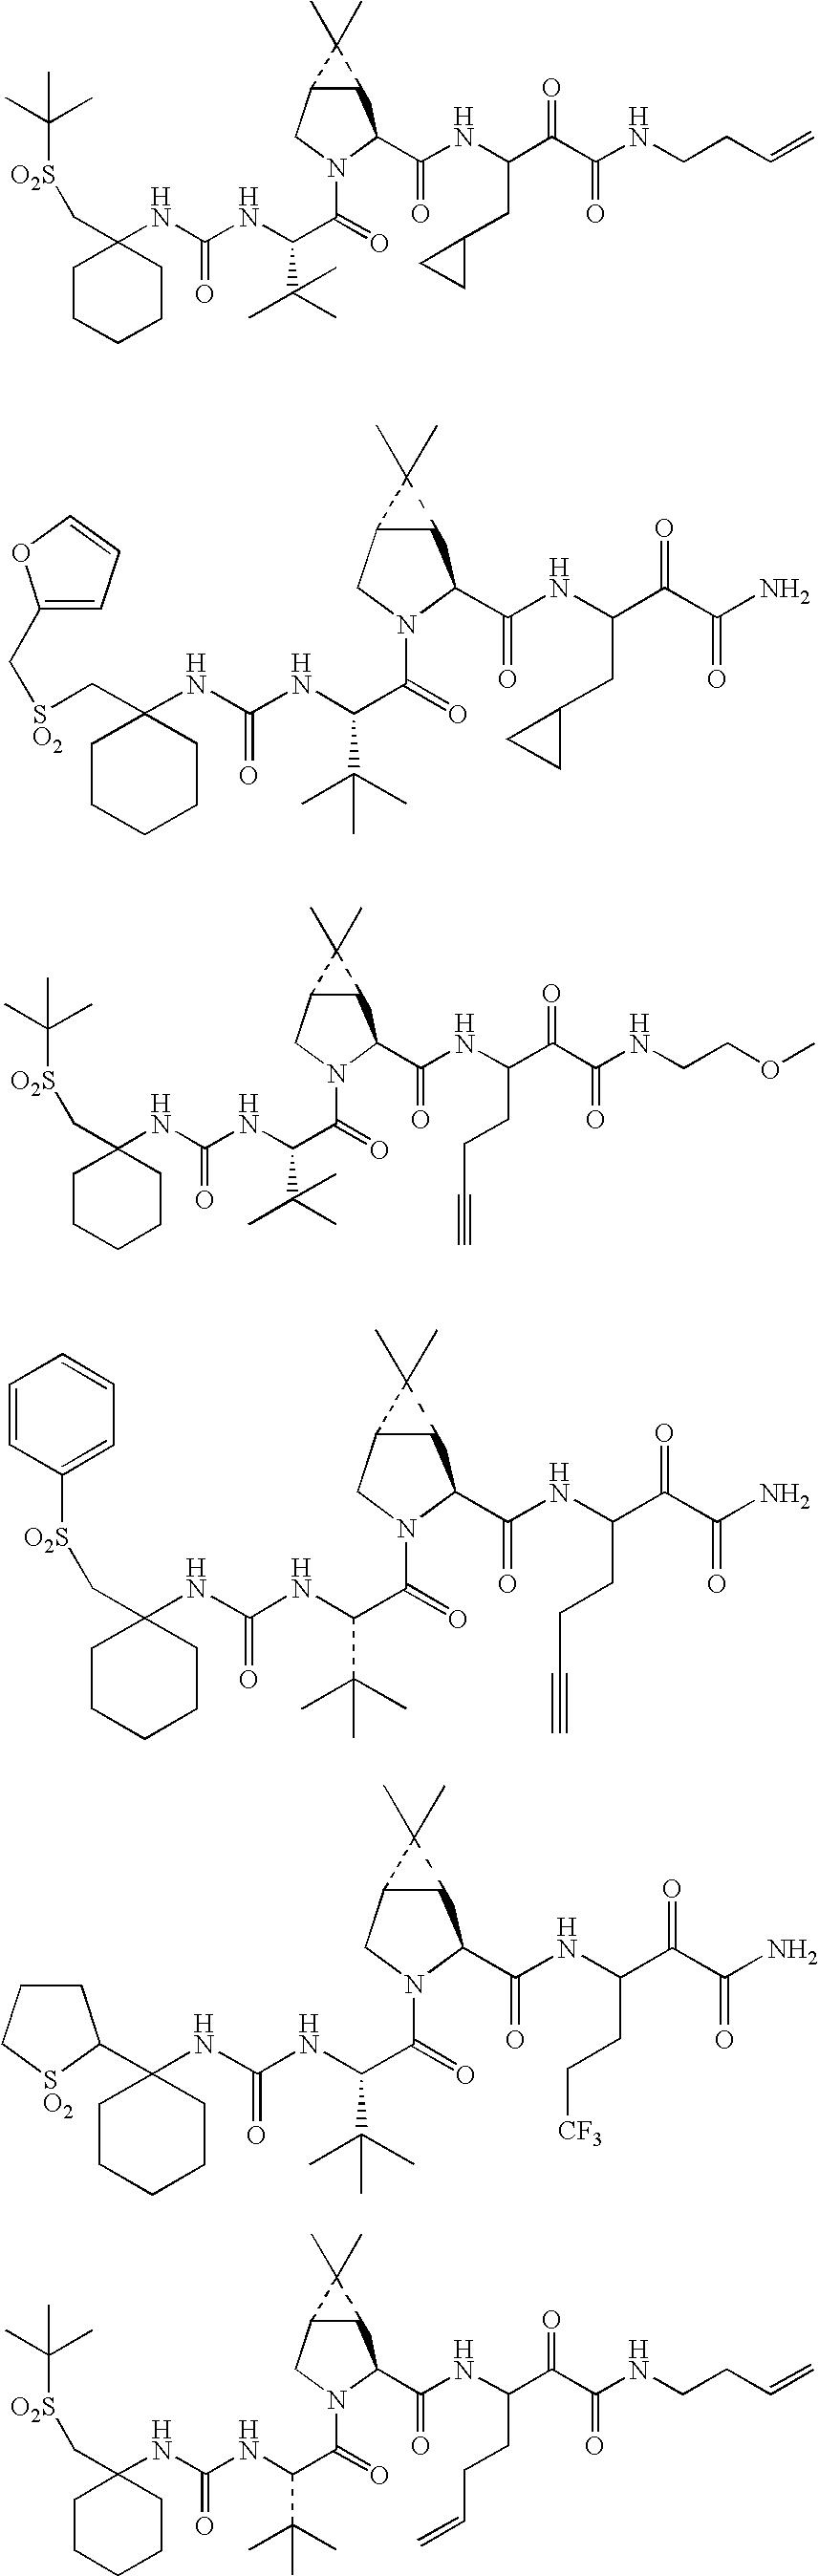 Figure US20060287248A1-20061221-C00450